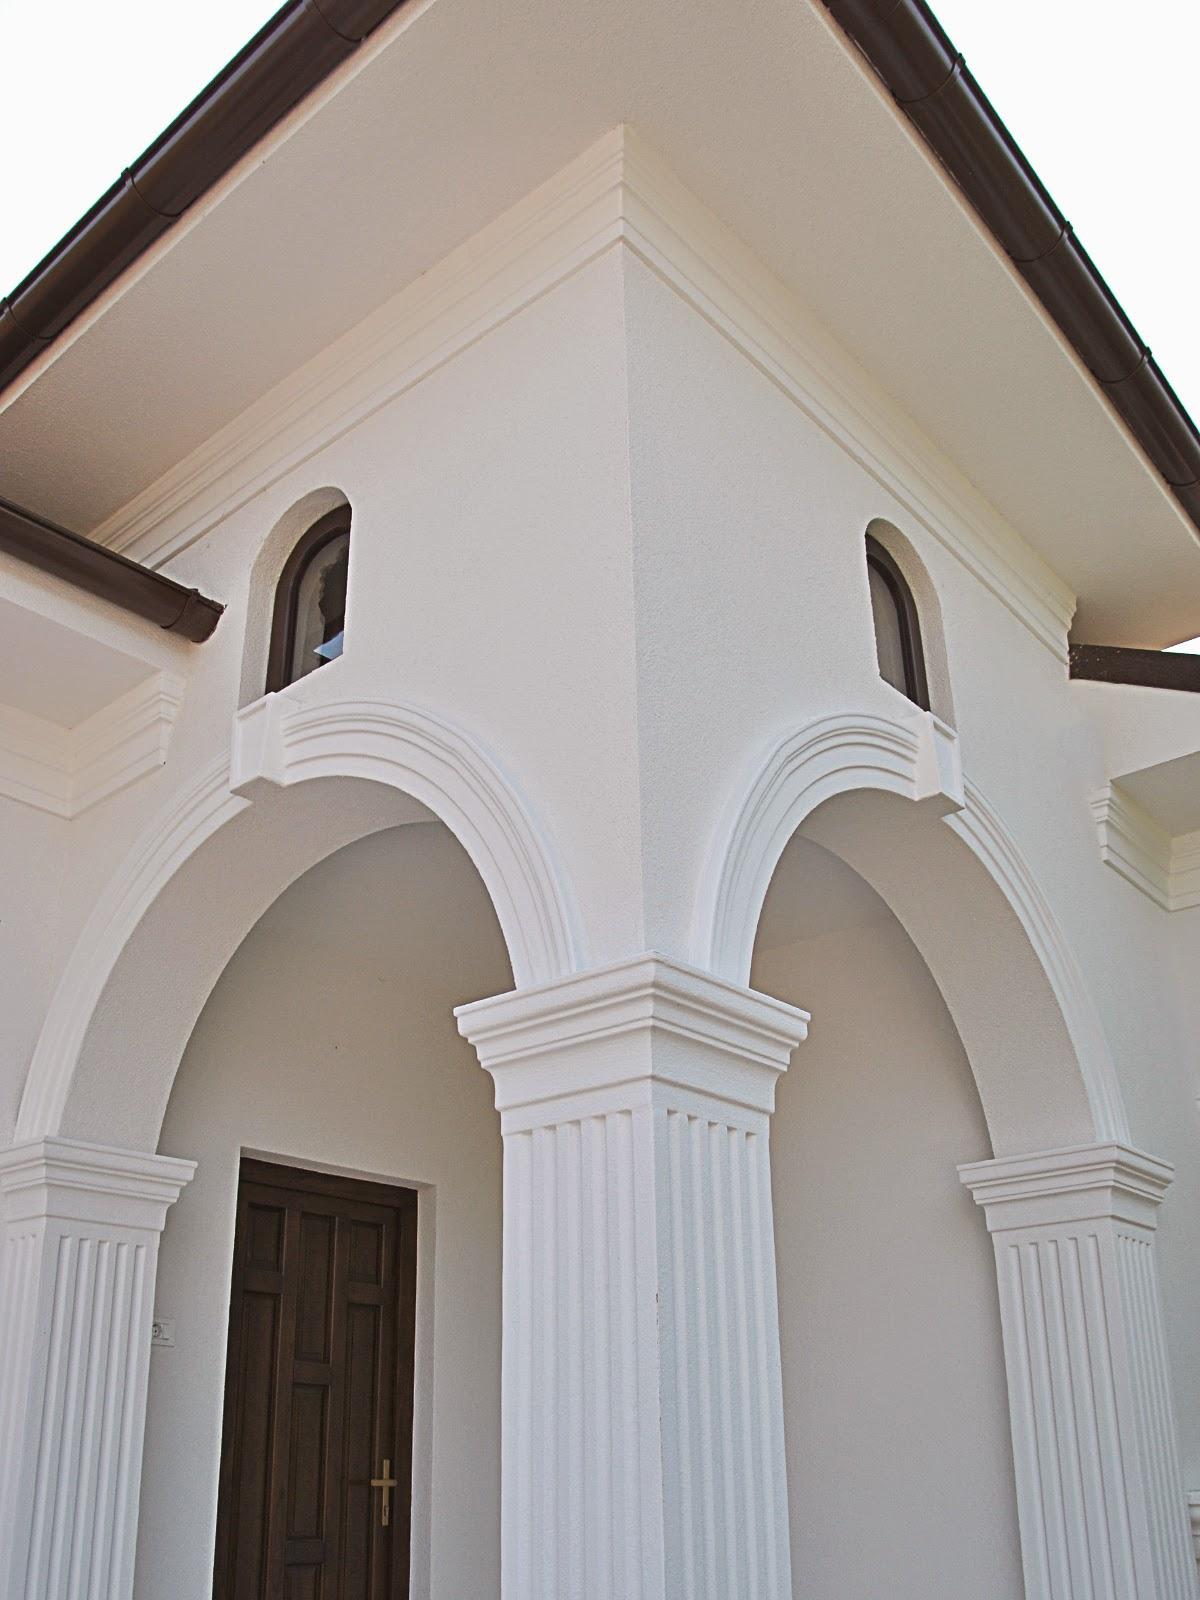 coloane si arcade la intrare in exterior casa, fatade case cu coloane decorative din polistiren